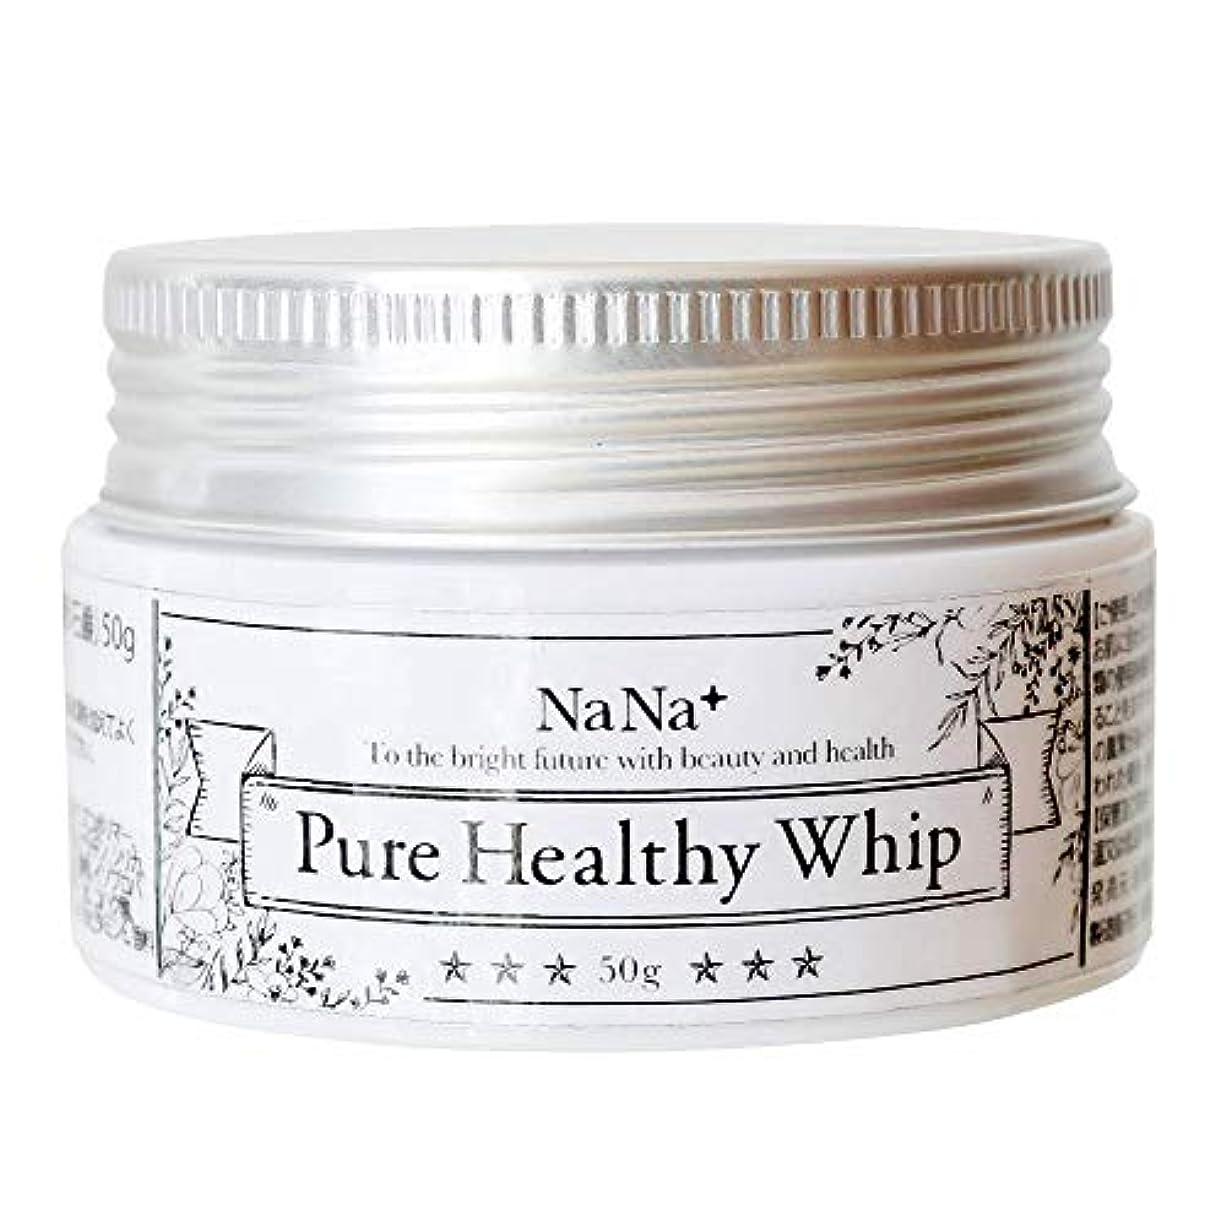 コイン十分です放送洗顔 生せっけん 敏感肌 乾燥肌 の 毛穴 くすみ 黒ずみ ケア 肌に優しい無添加  nana+ピュアヘルシーホイップ